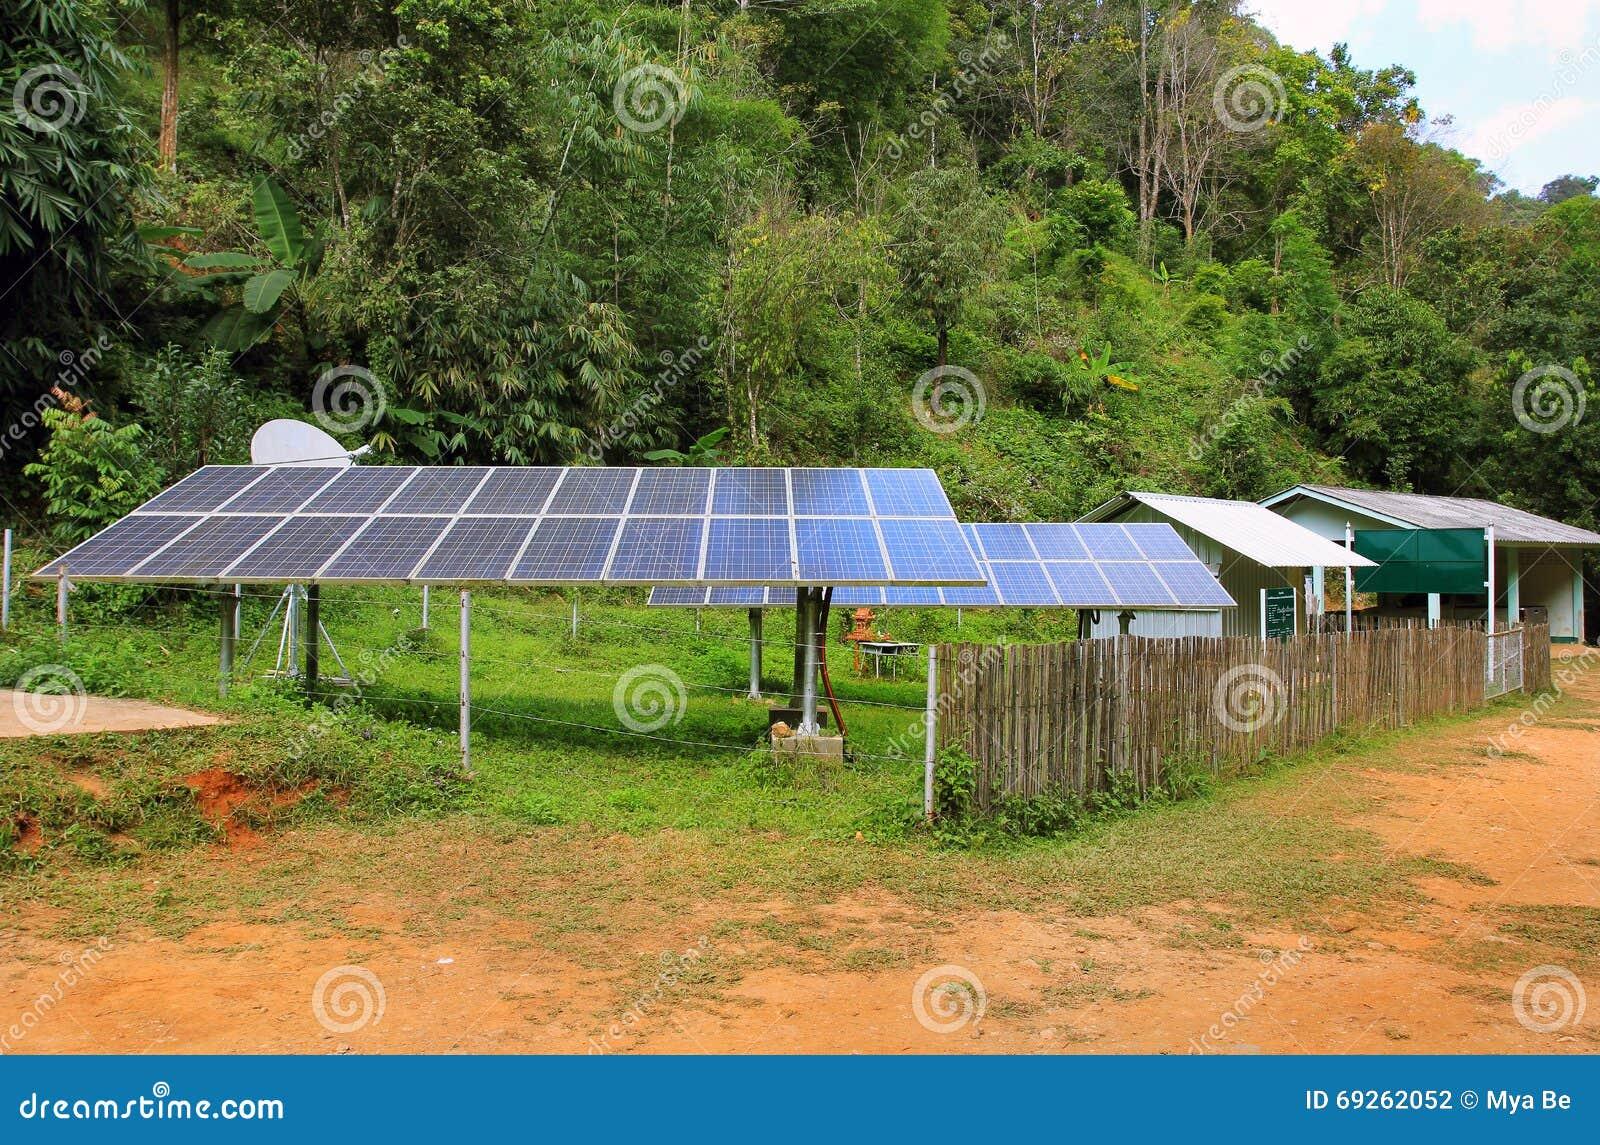 Los paneles de energía solar en un pueblo del Este de Asia, en selva